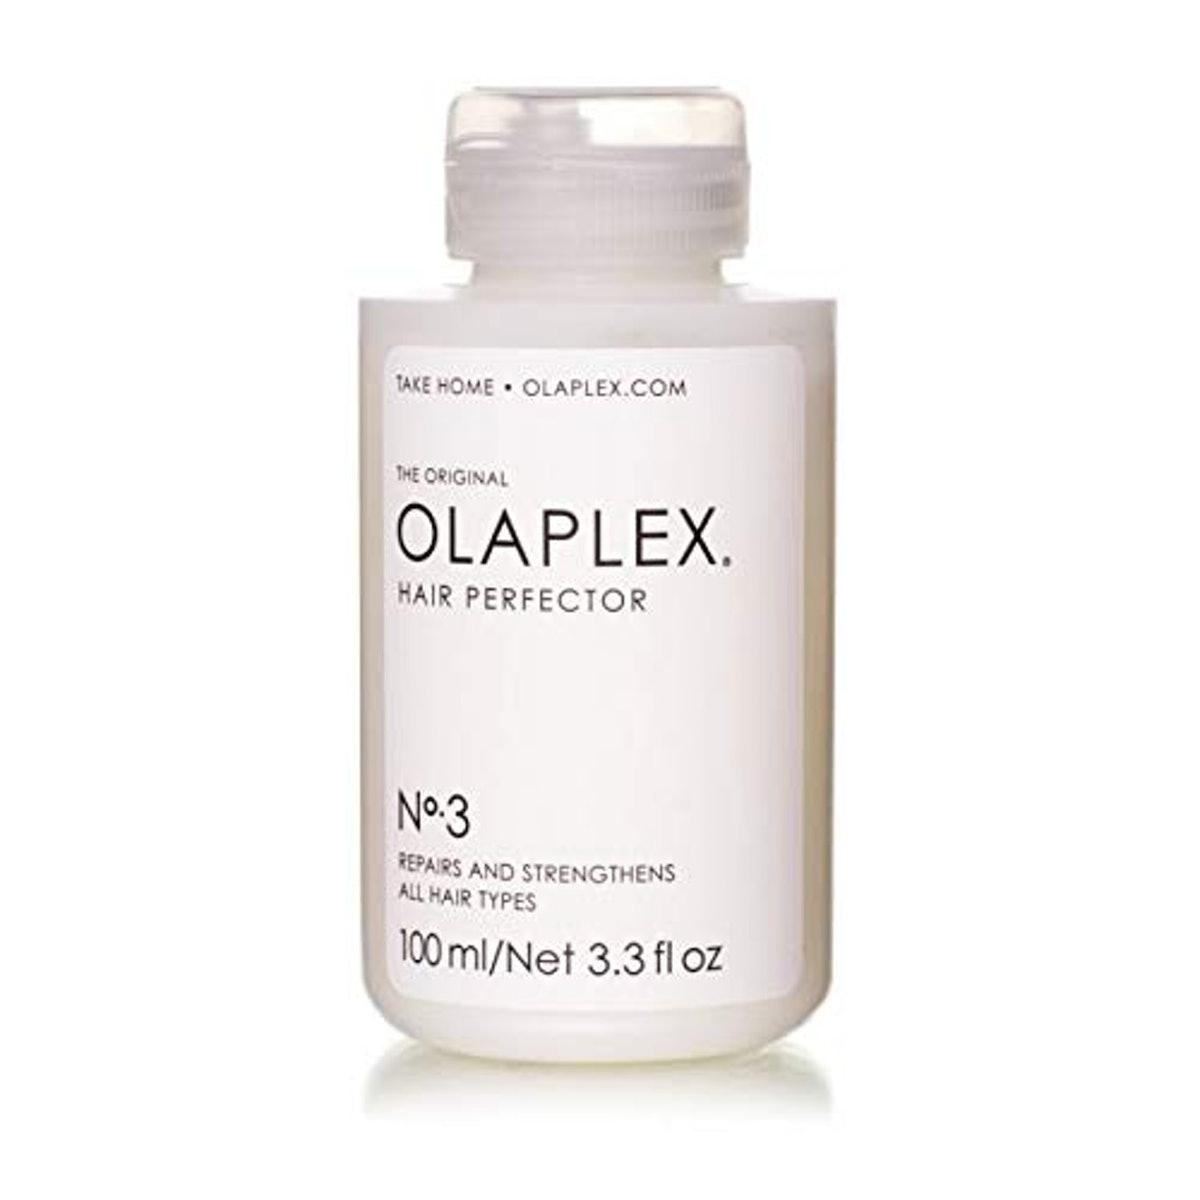 Olaplex Hair Repair Treatment